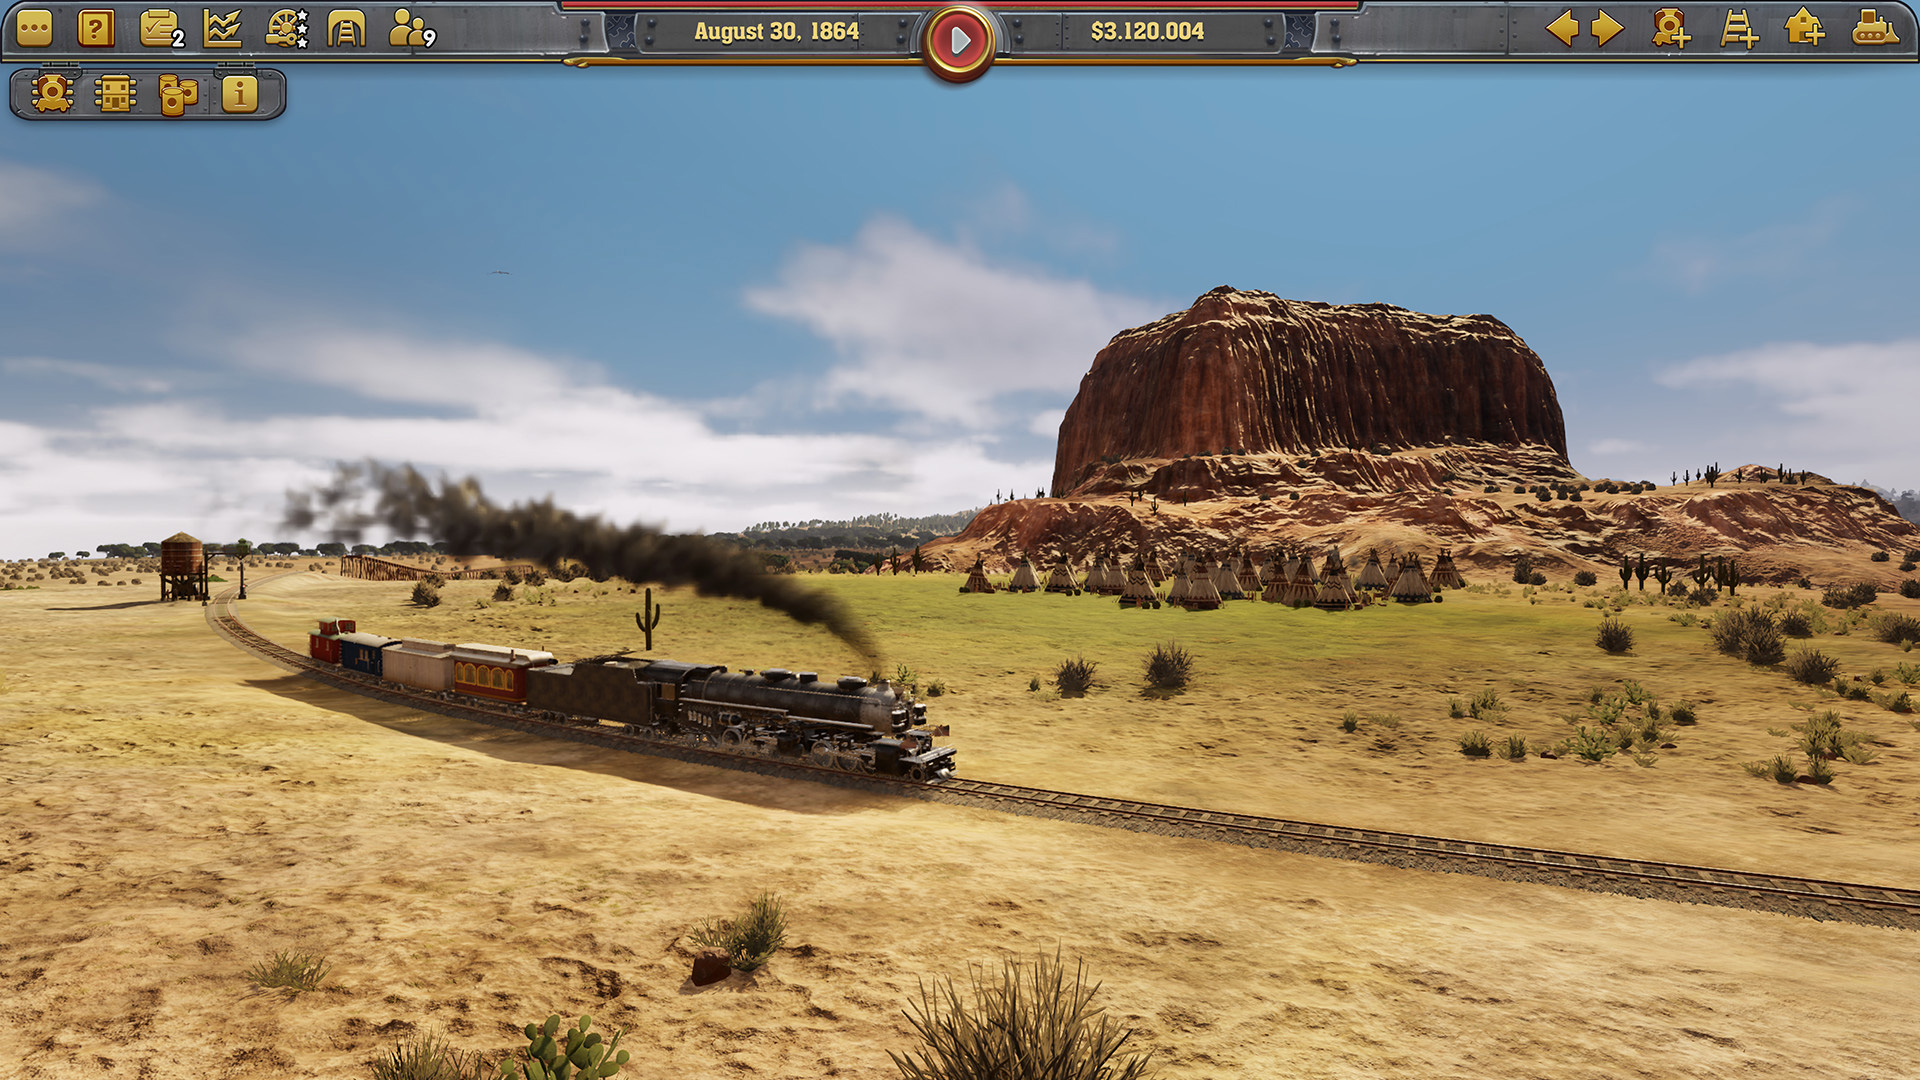 """Bestes PC-Game und die beste technische Leistung: """"Railway Empire""""."""